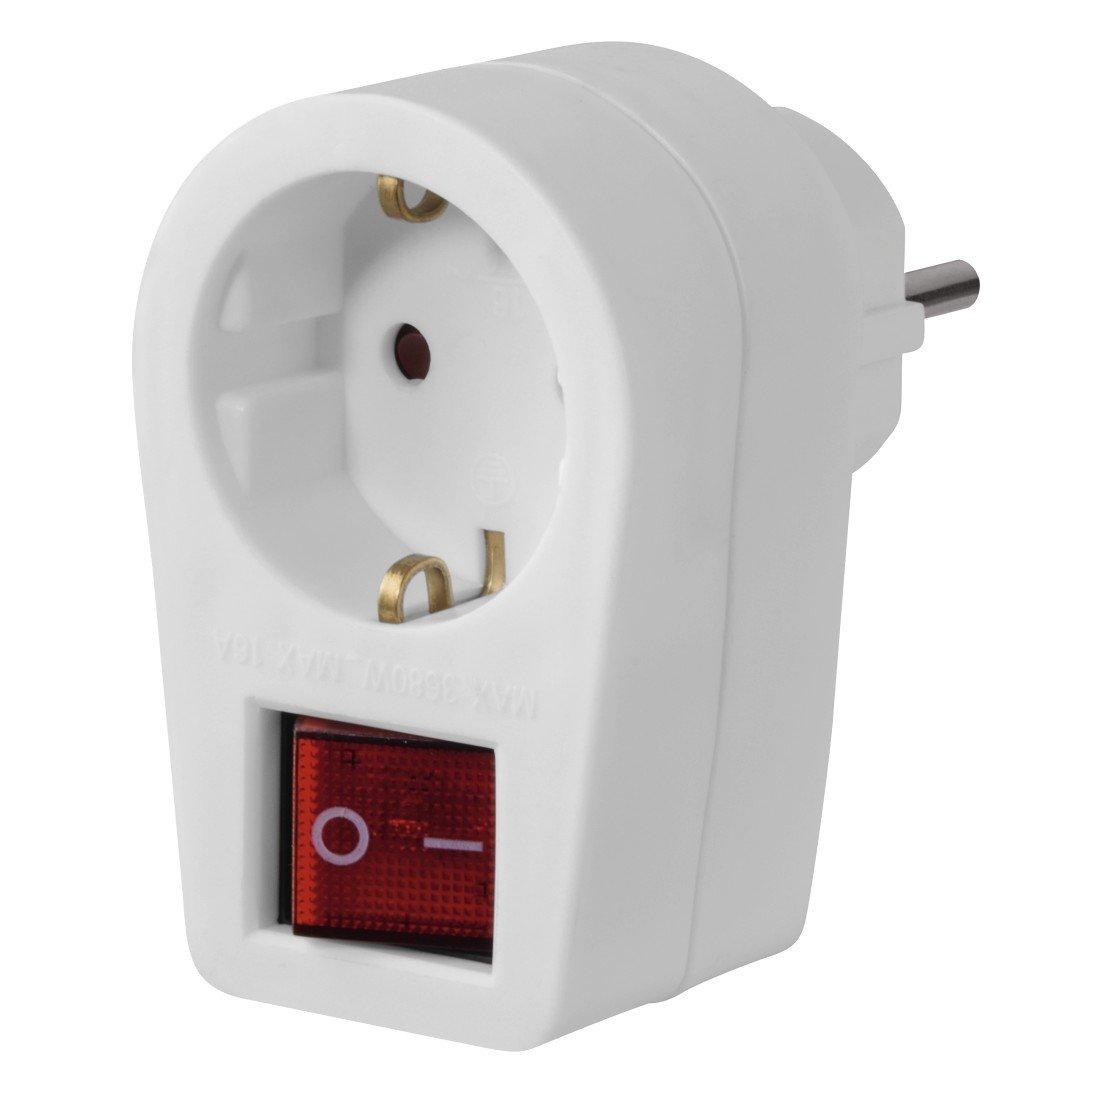 Hama 3-fach Steckdosenadapter (Multistecker 2x Euro-/1x Schutzkontakt Steckdose, Mehrfachstecker) Weiß 00047688 Kabel